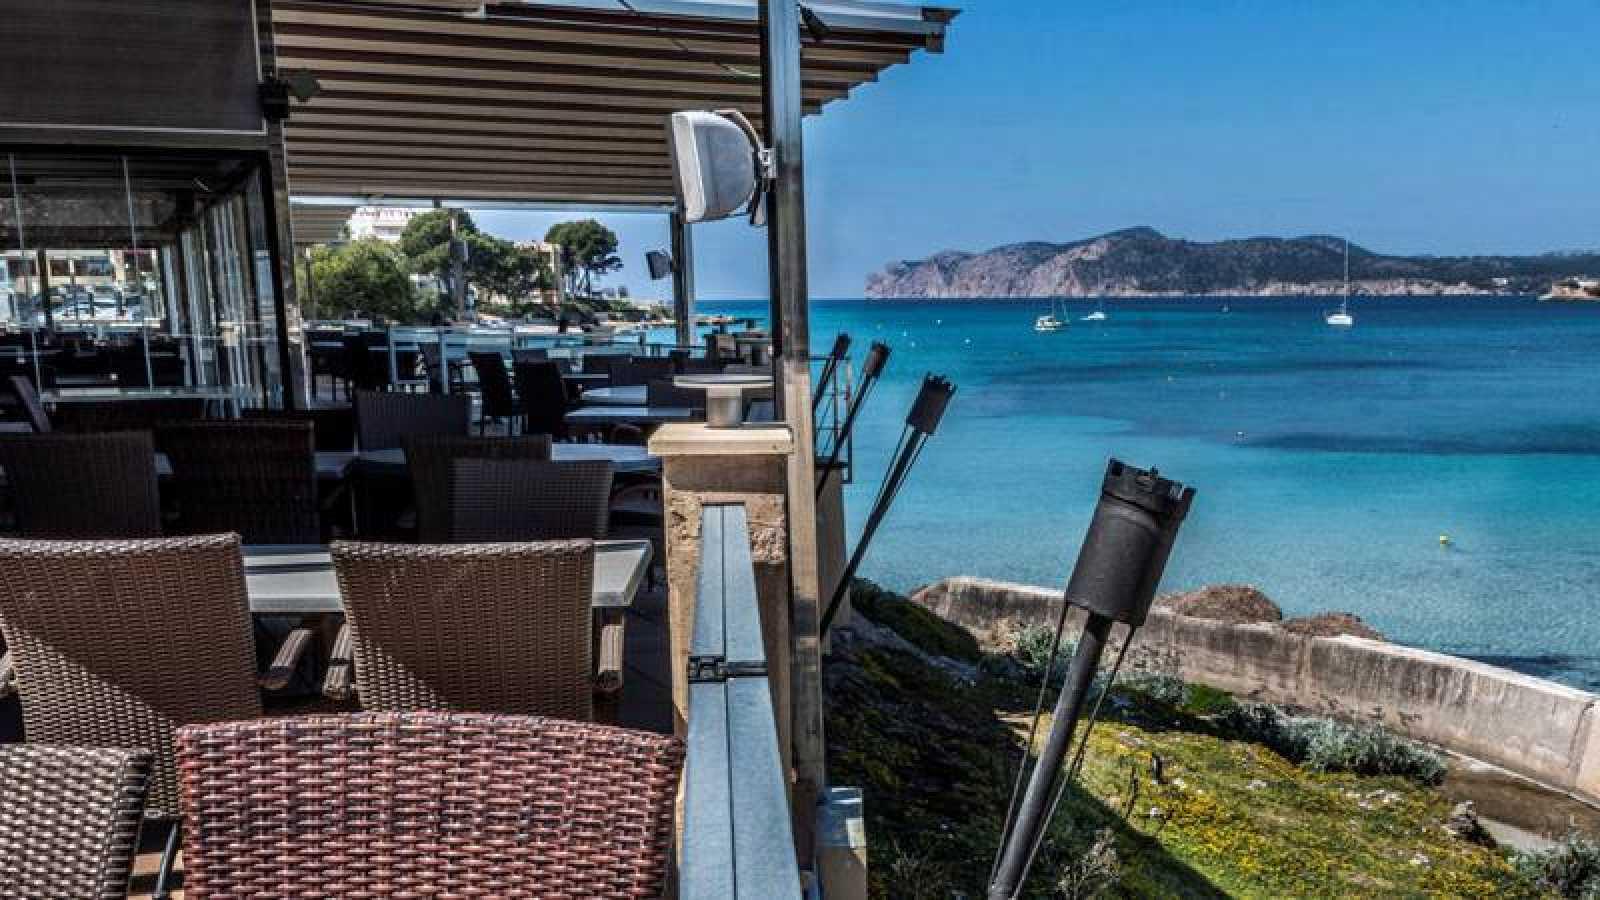 Terraza de un restaurante cerrado con vistas a una playa de Baleares.